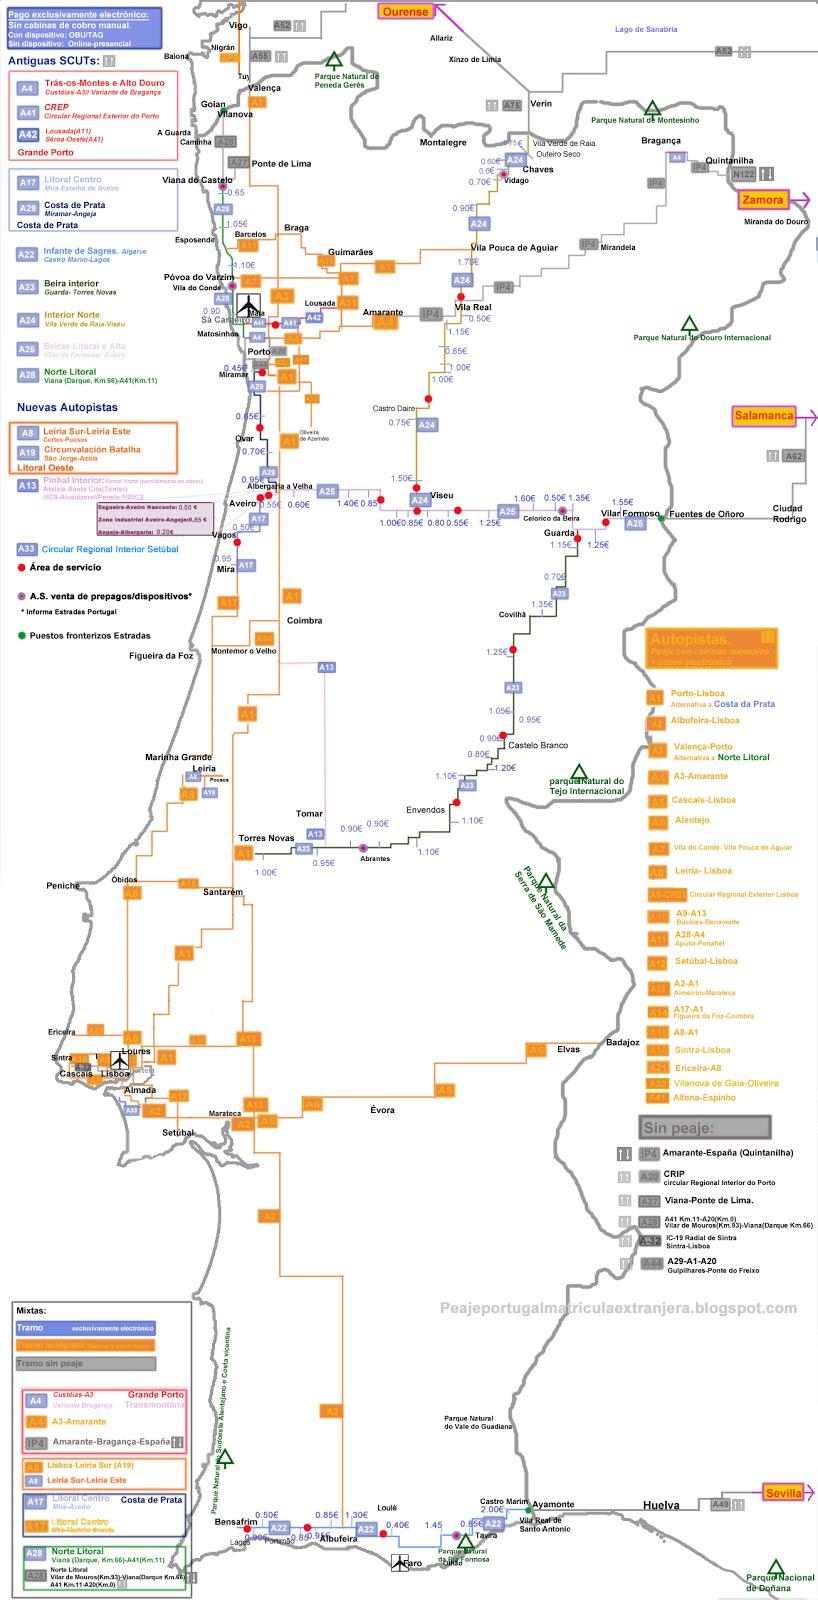 Nuevos peajes en Portugal exSCUTs Mapas comparativas y pago